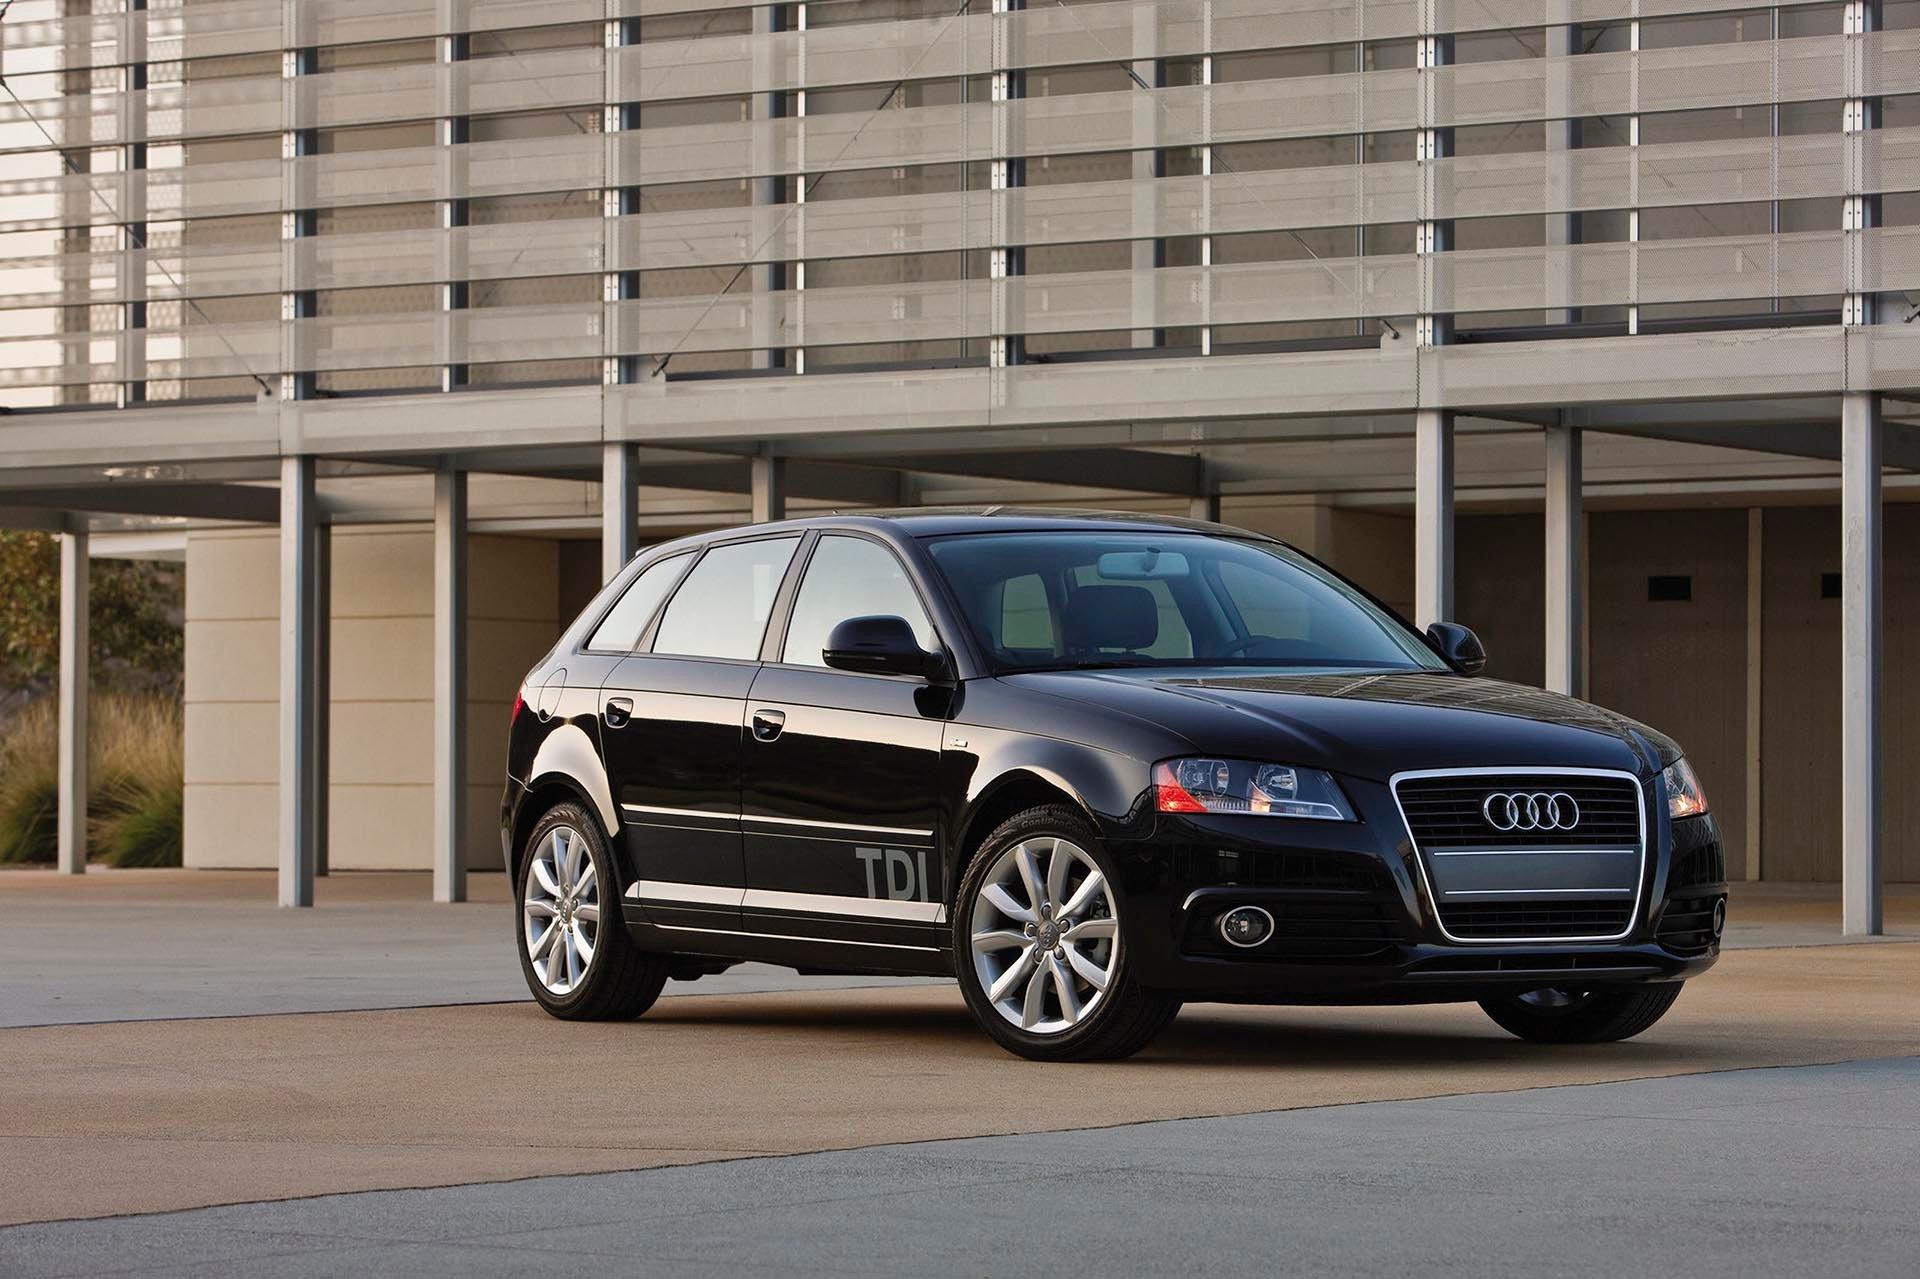 03_Audi A3 2.0 TDI Front